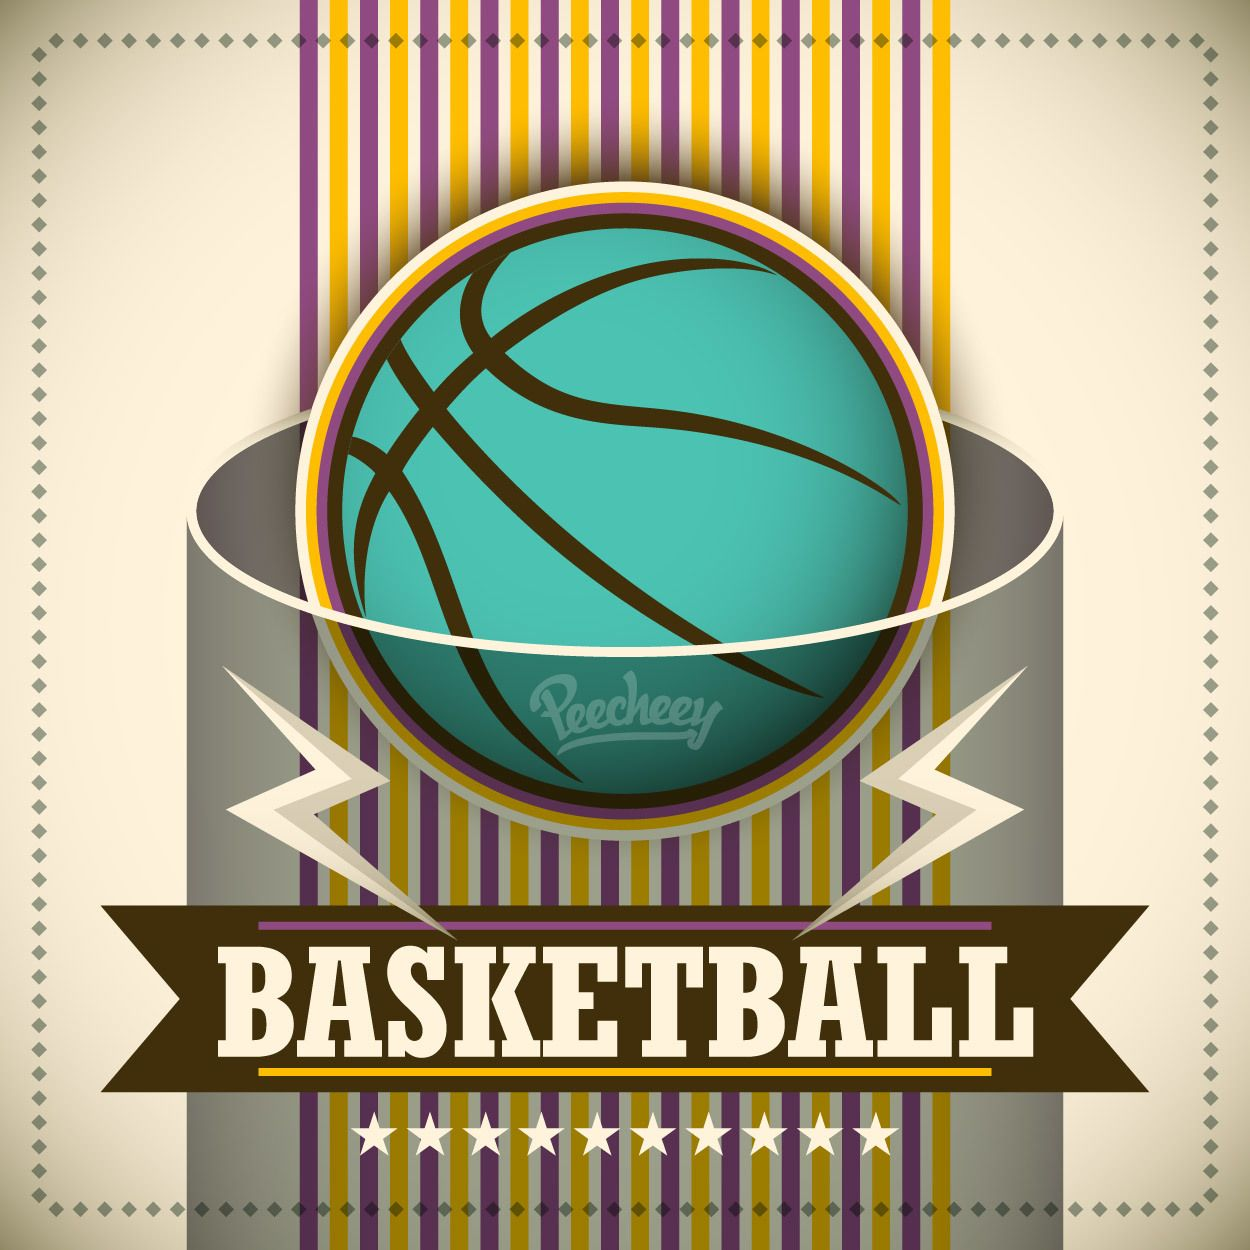 Plantilla del baloncesto del cartel del vintage - Descargar vector